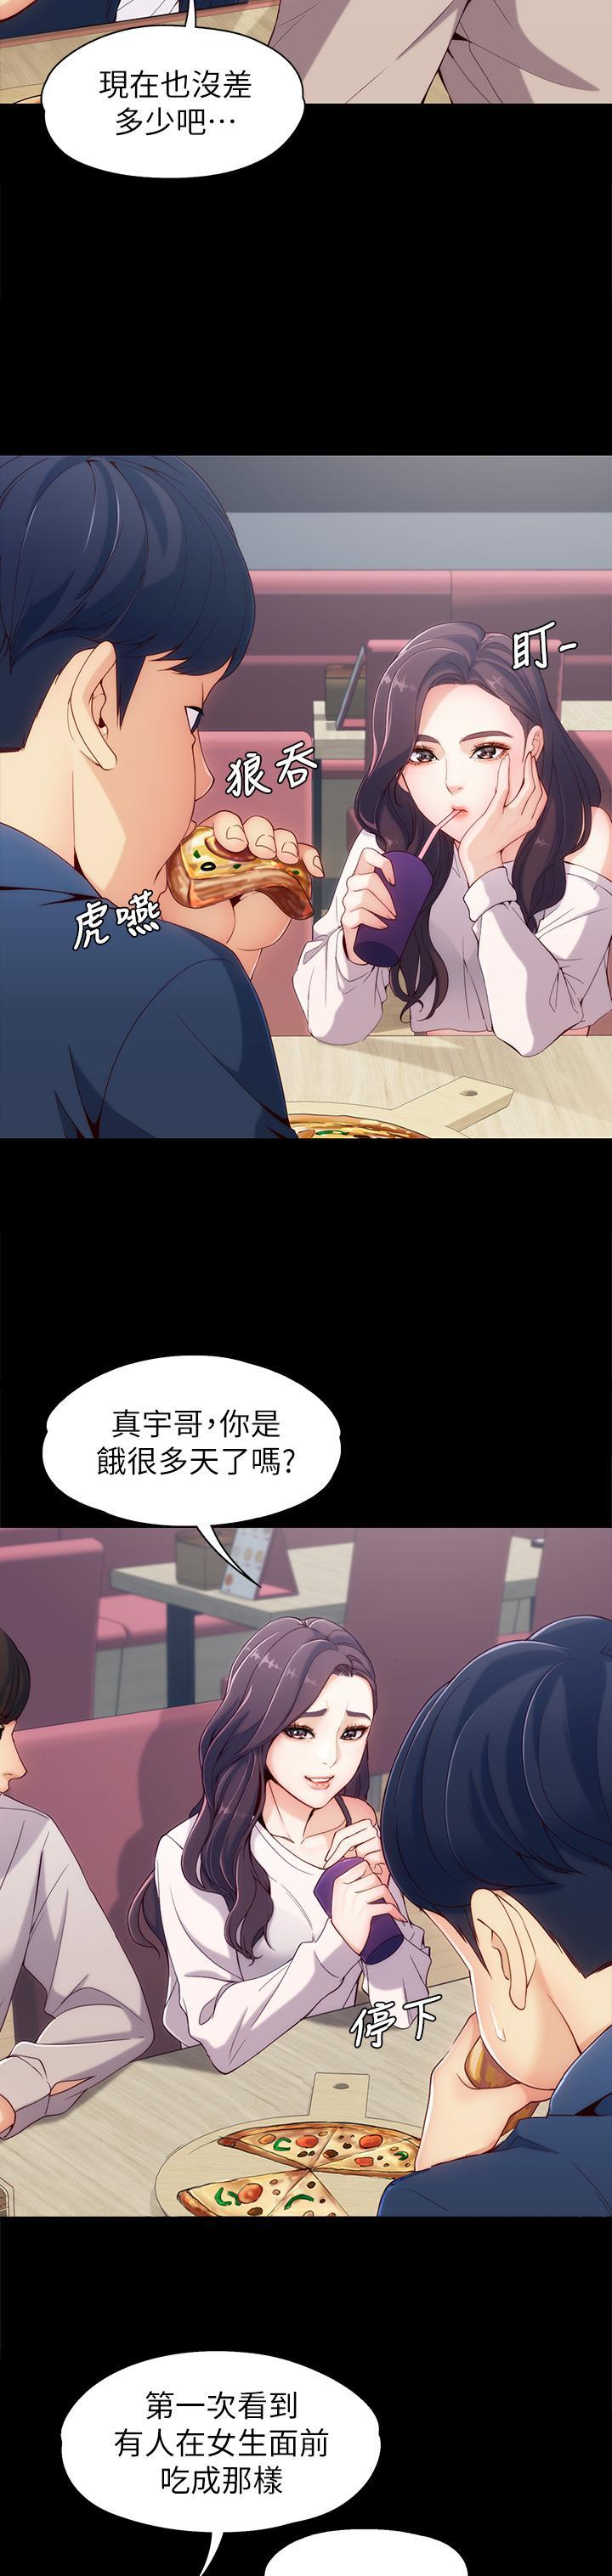 [朴敏&金Zetta]女大生世晶:无法自拔 EP.1(正體中文)高畫質版本 14